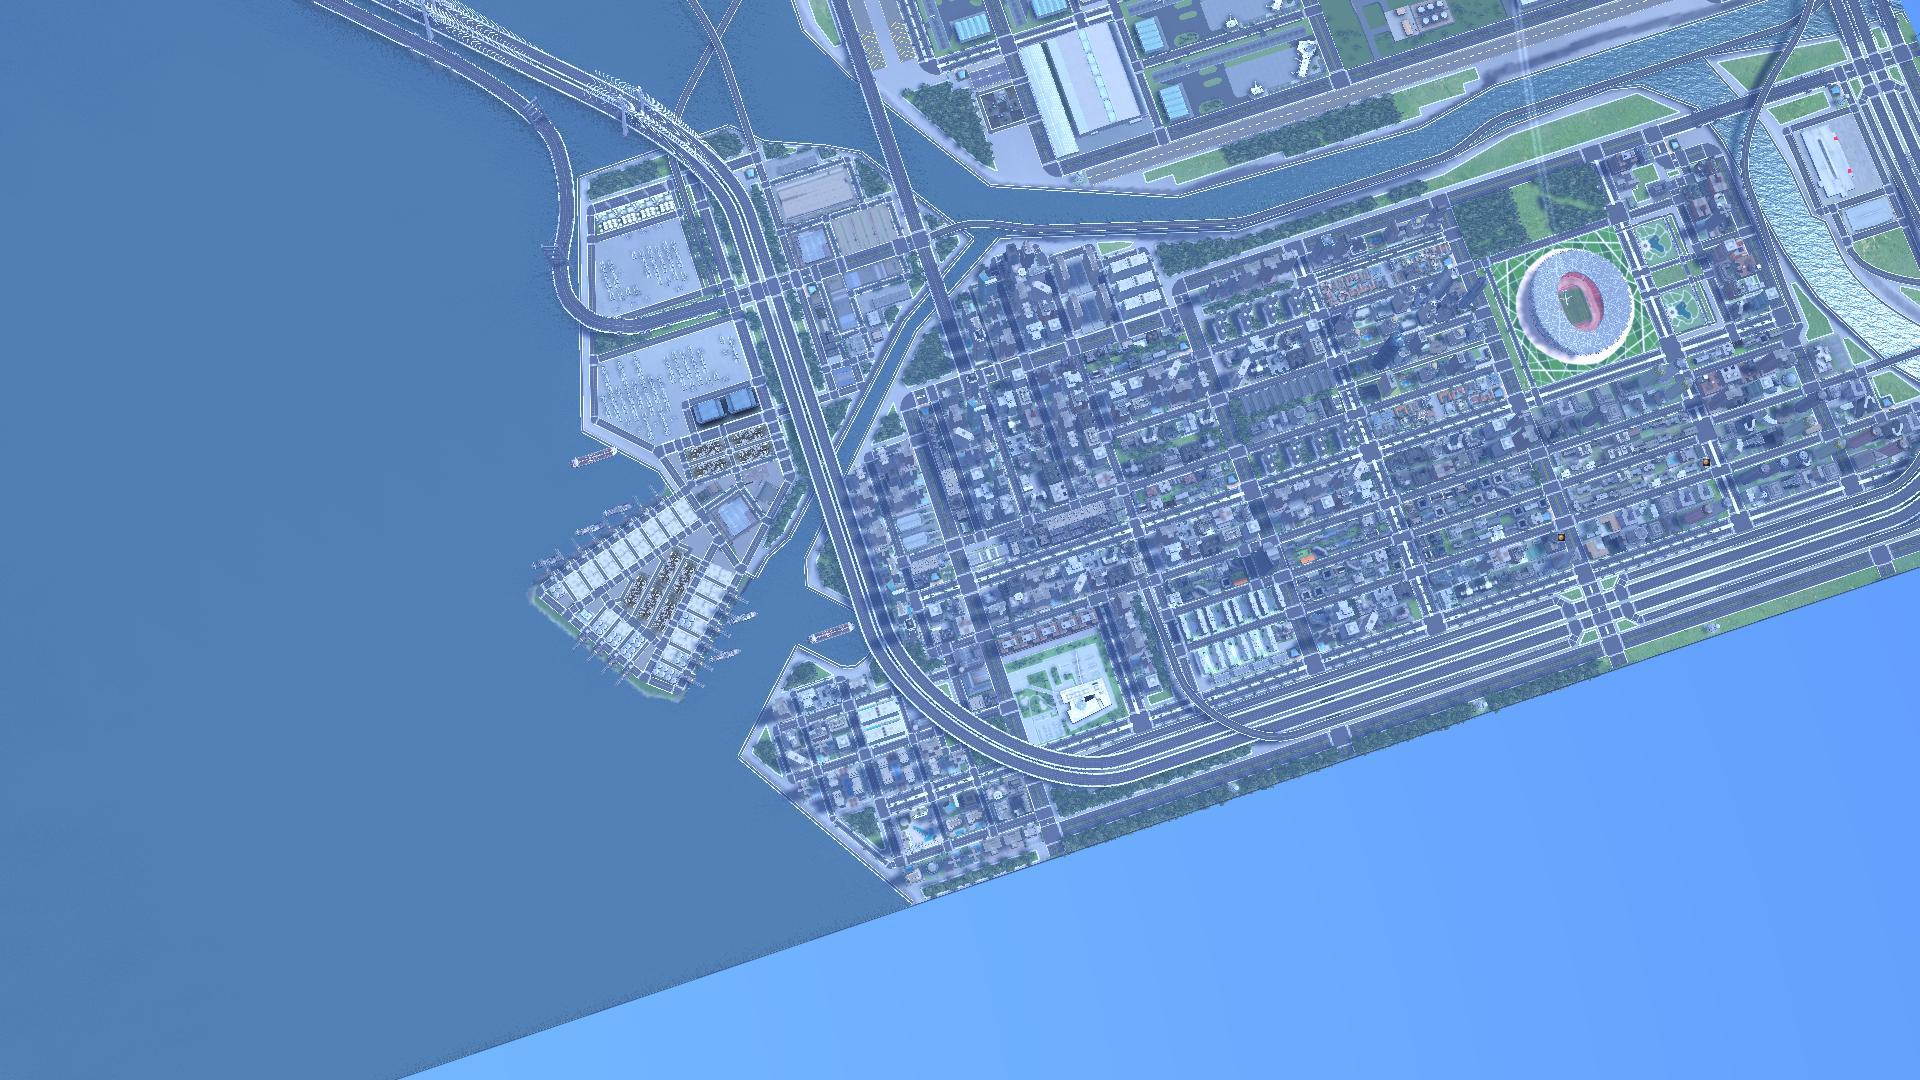 CitiesXL_2012 2014-11-06 16-49-51-29.jpg